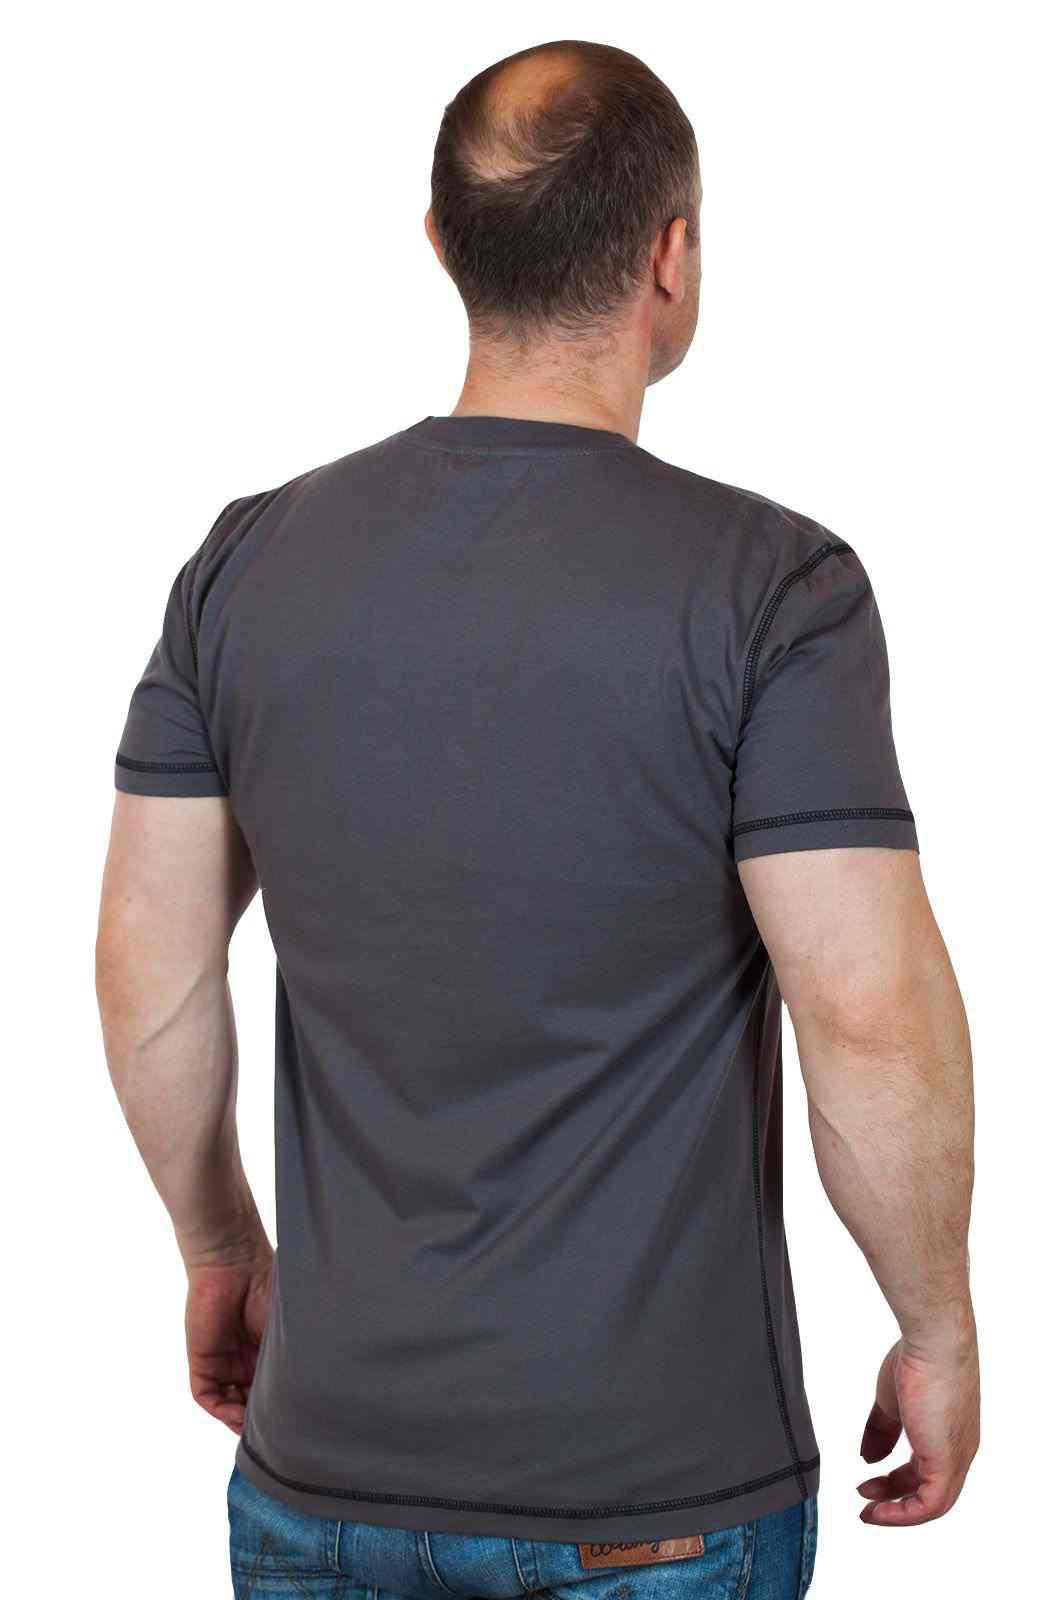 Стильная мужская футболка Hard Rock® Miami-вид сзади